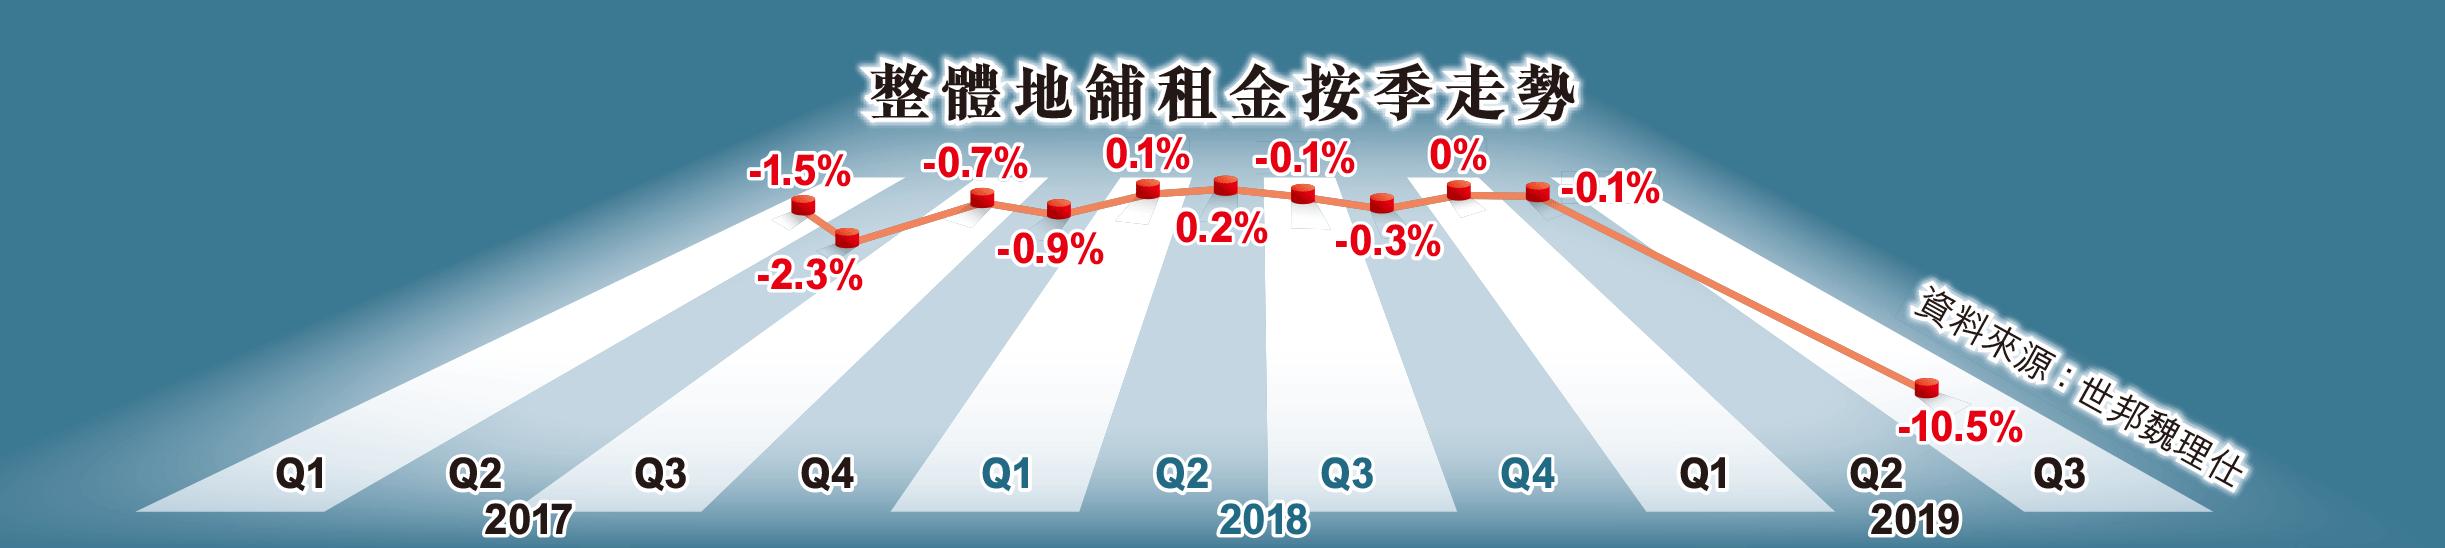 舖租按季跌10.5% 21年最惡劣